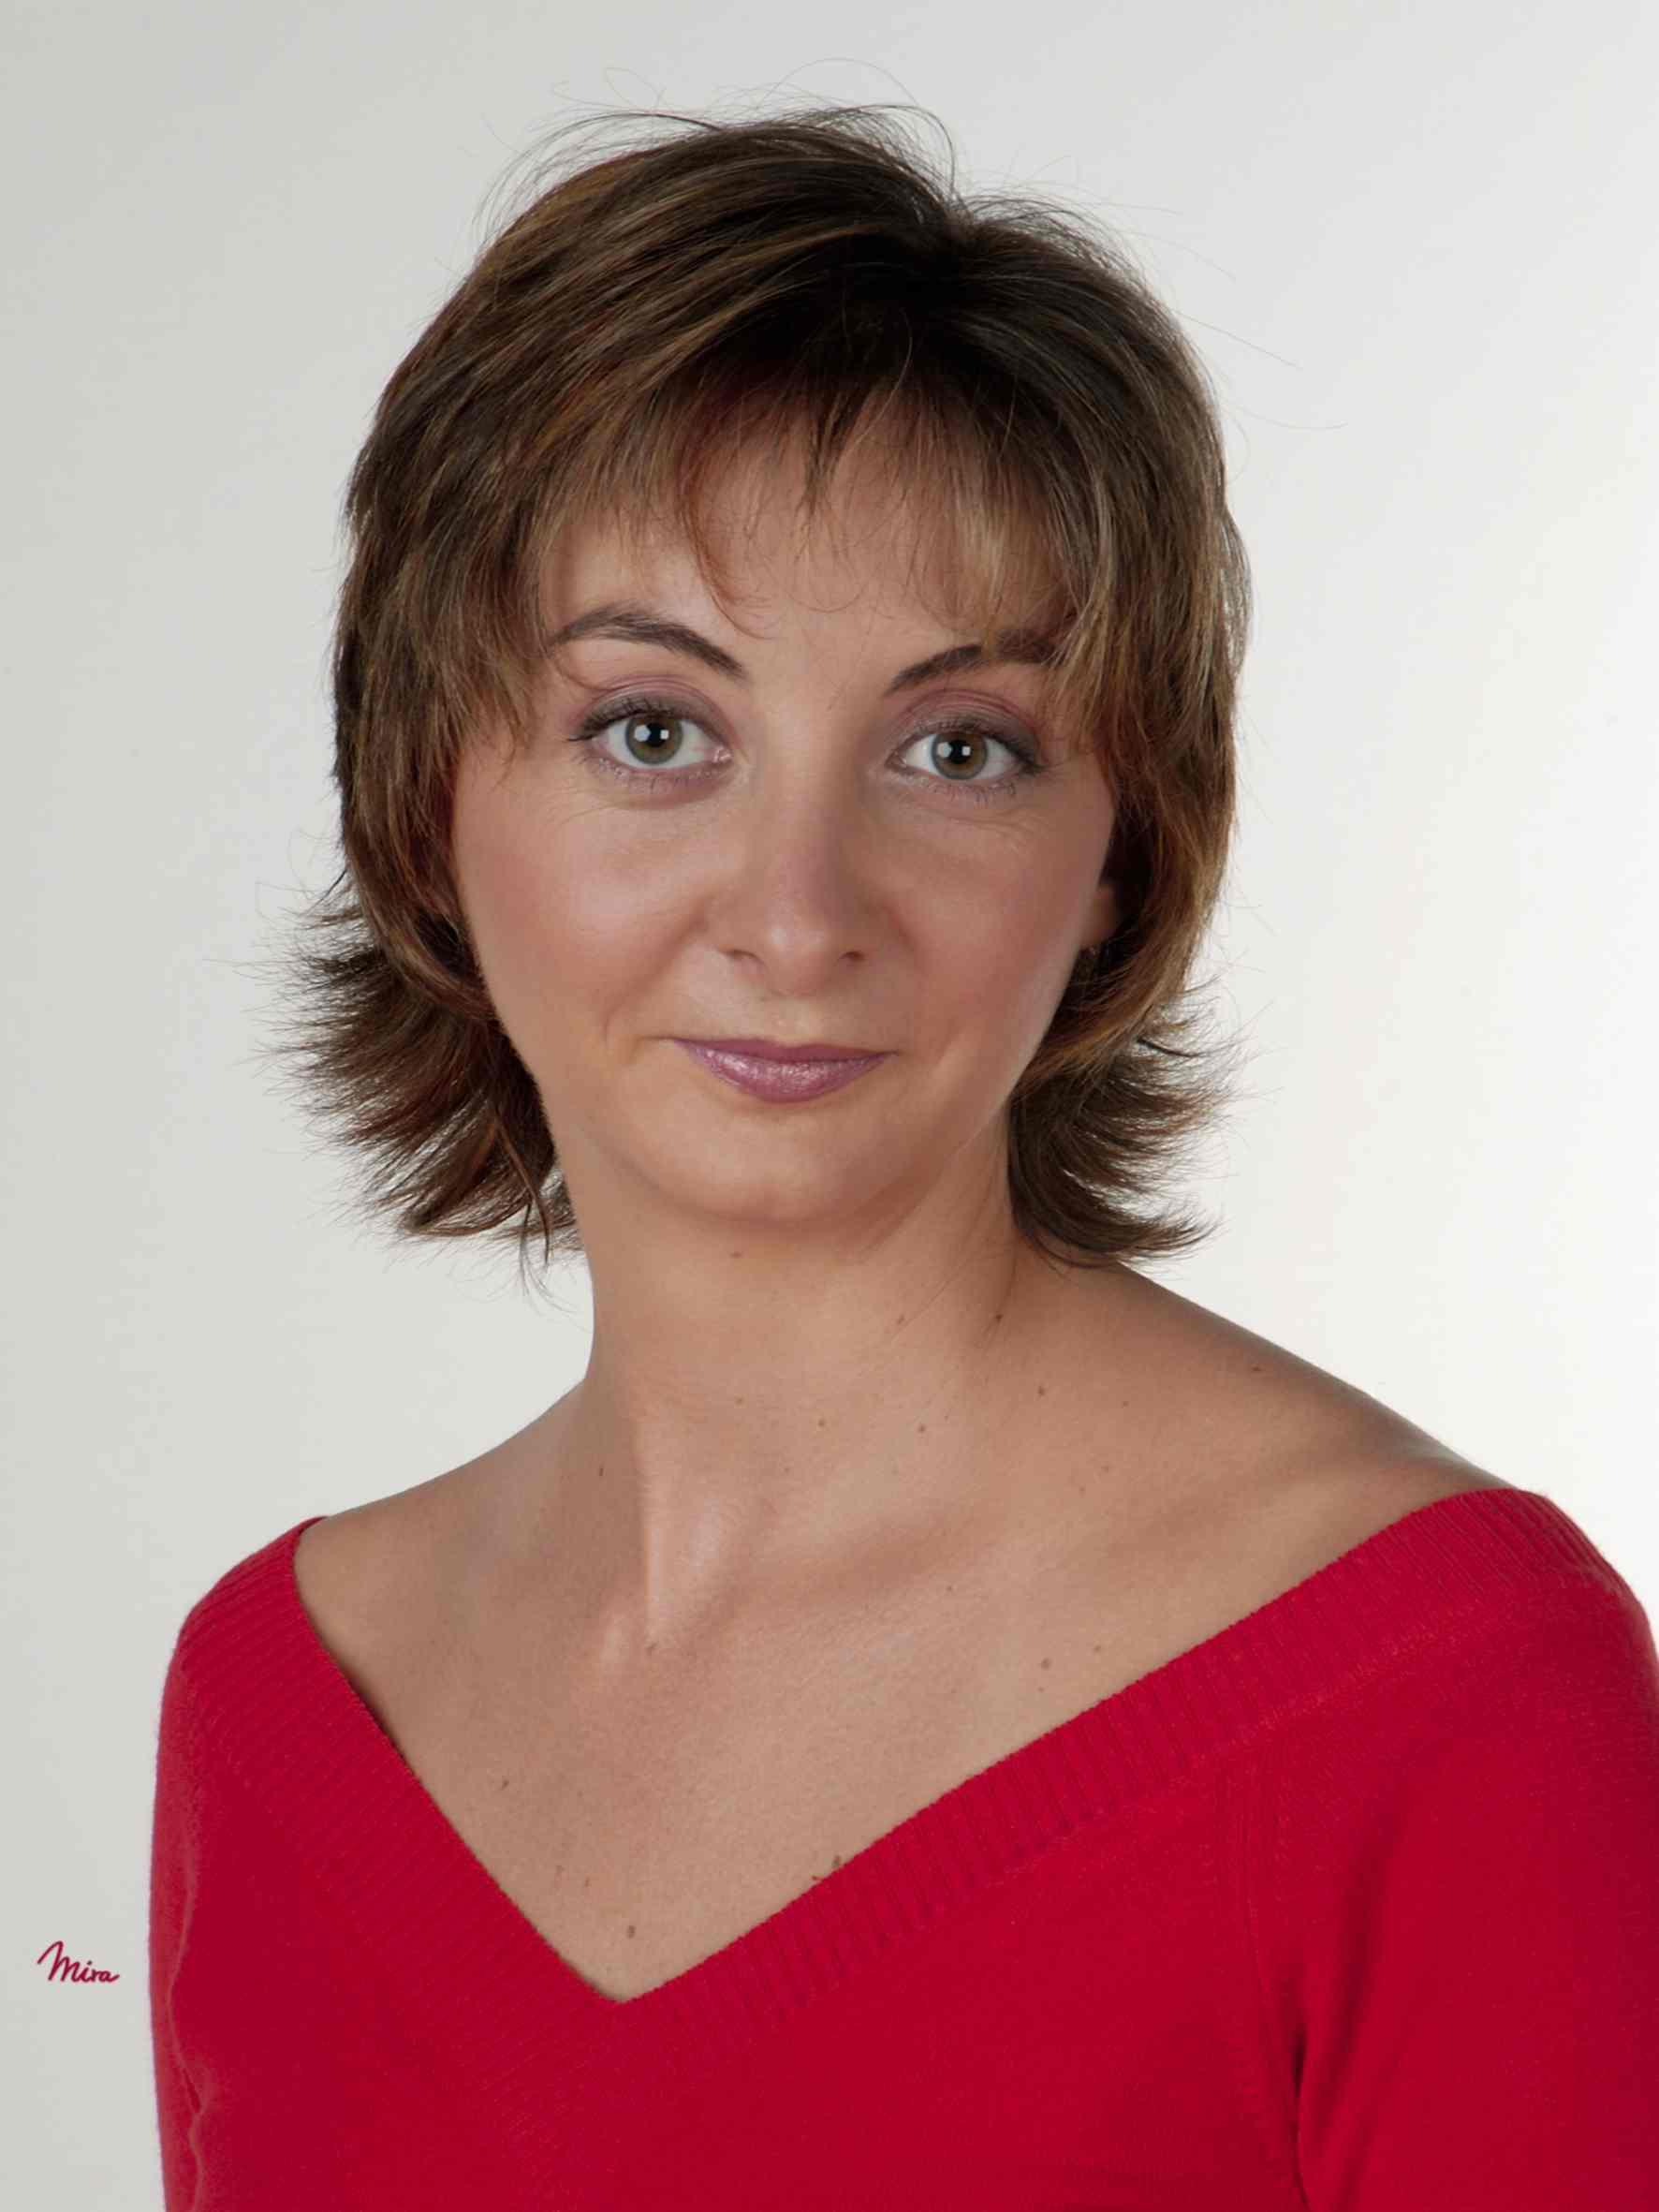 Olga Pitarh